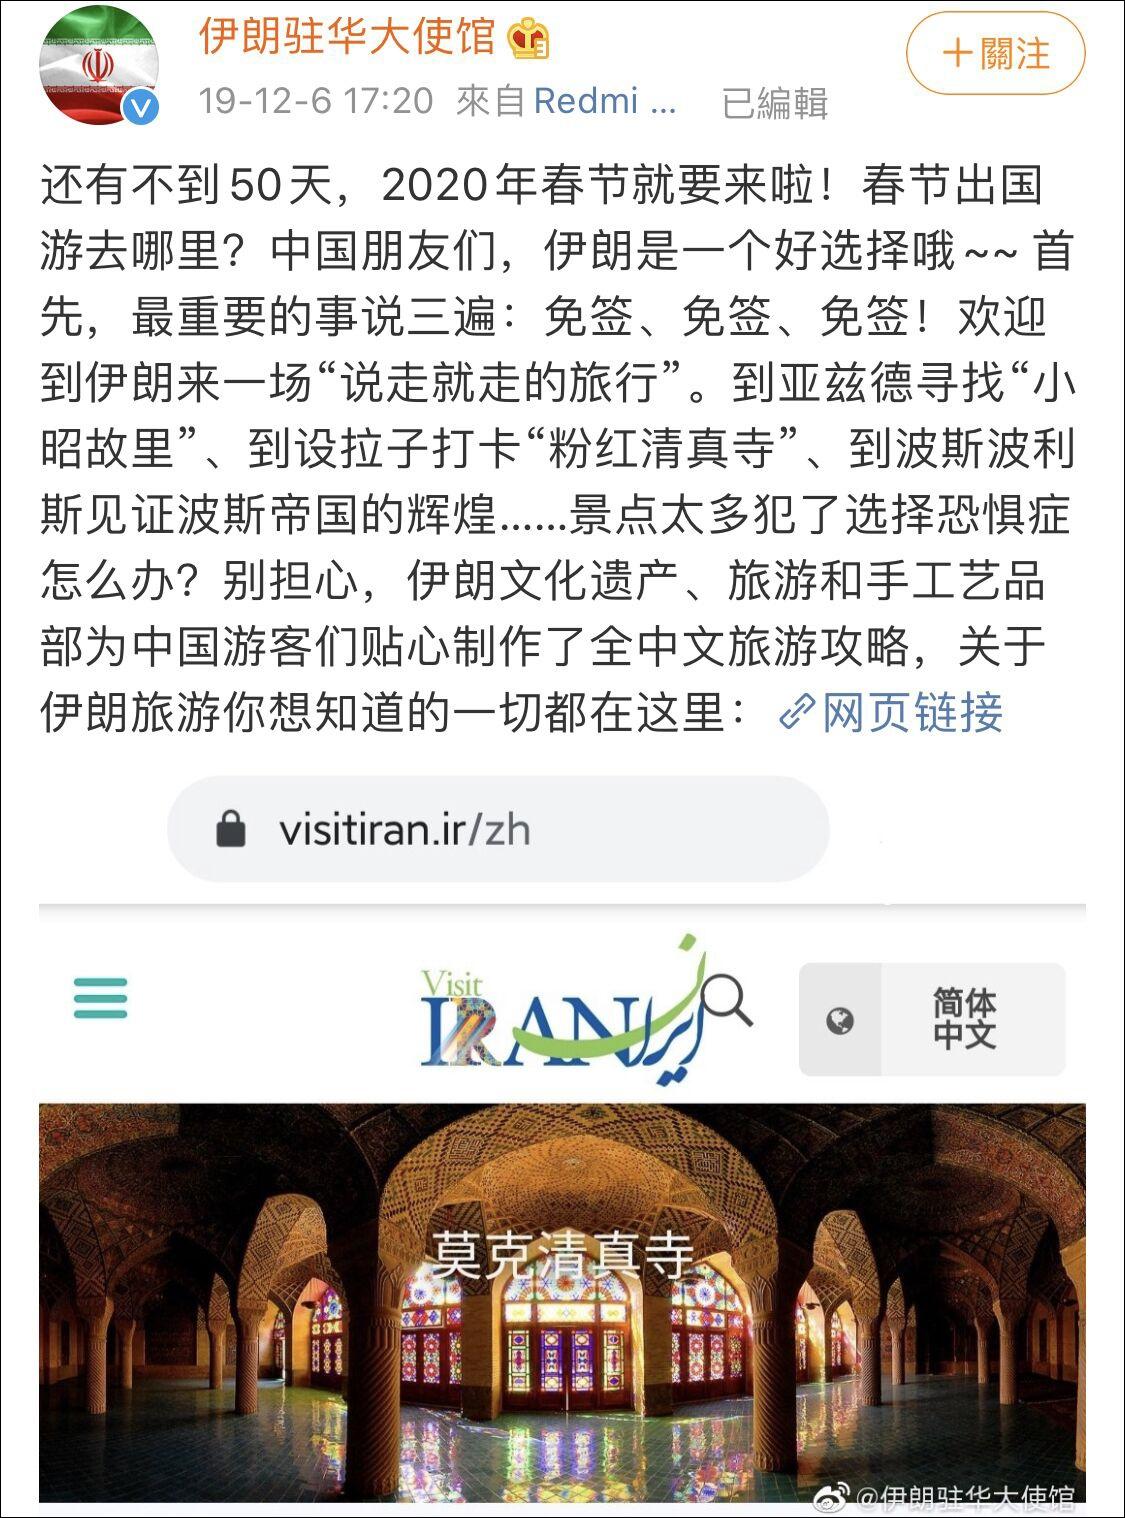 伊朗驻华大使馆邀大家春节旅游 网友:下次一定去图片